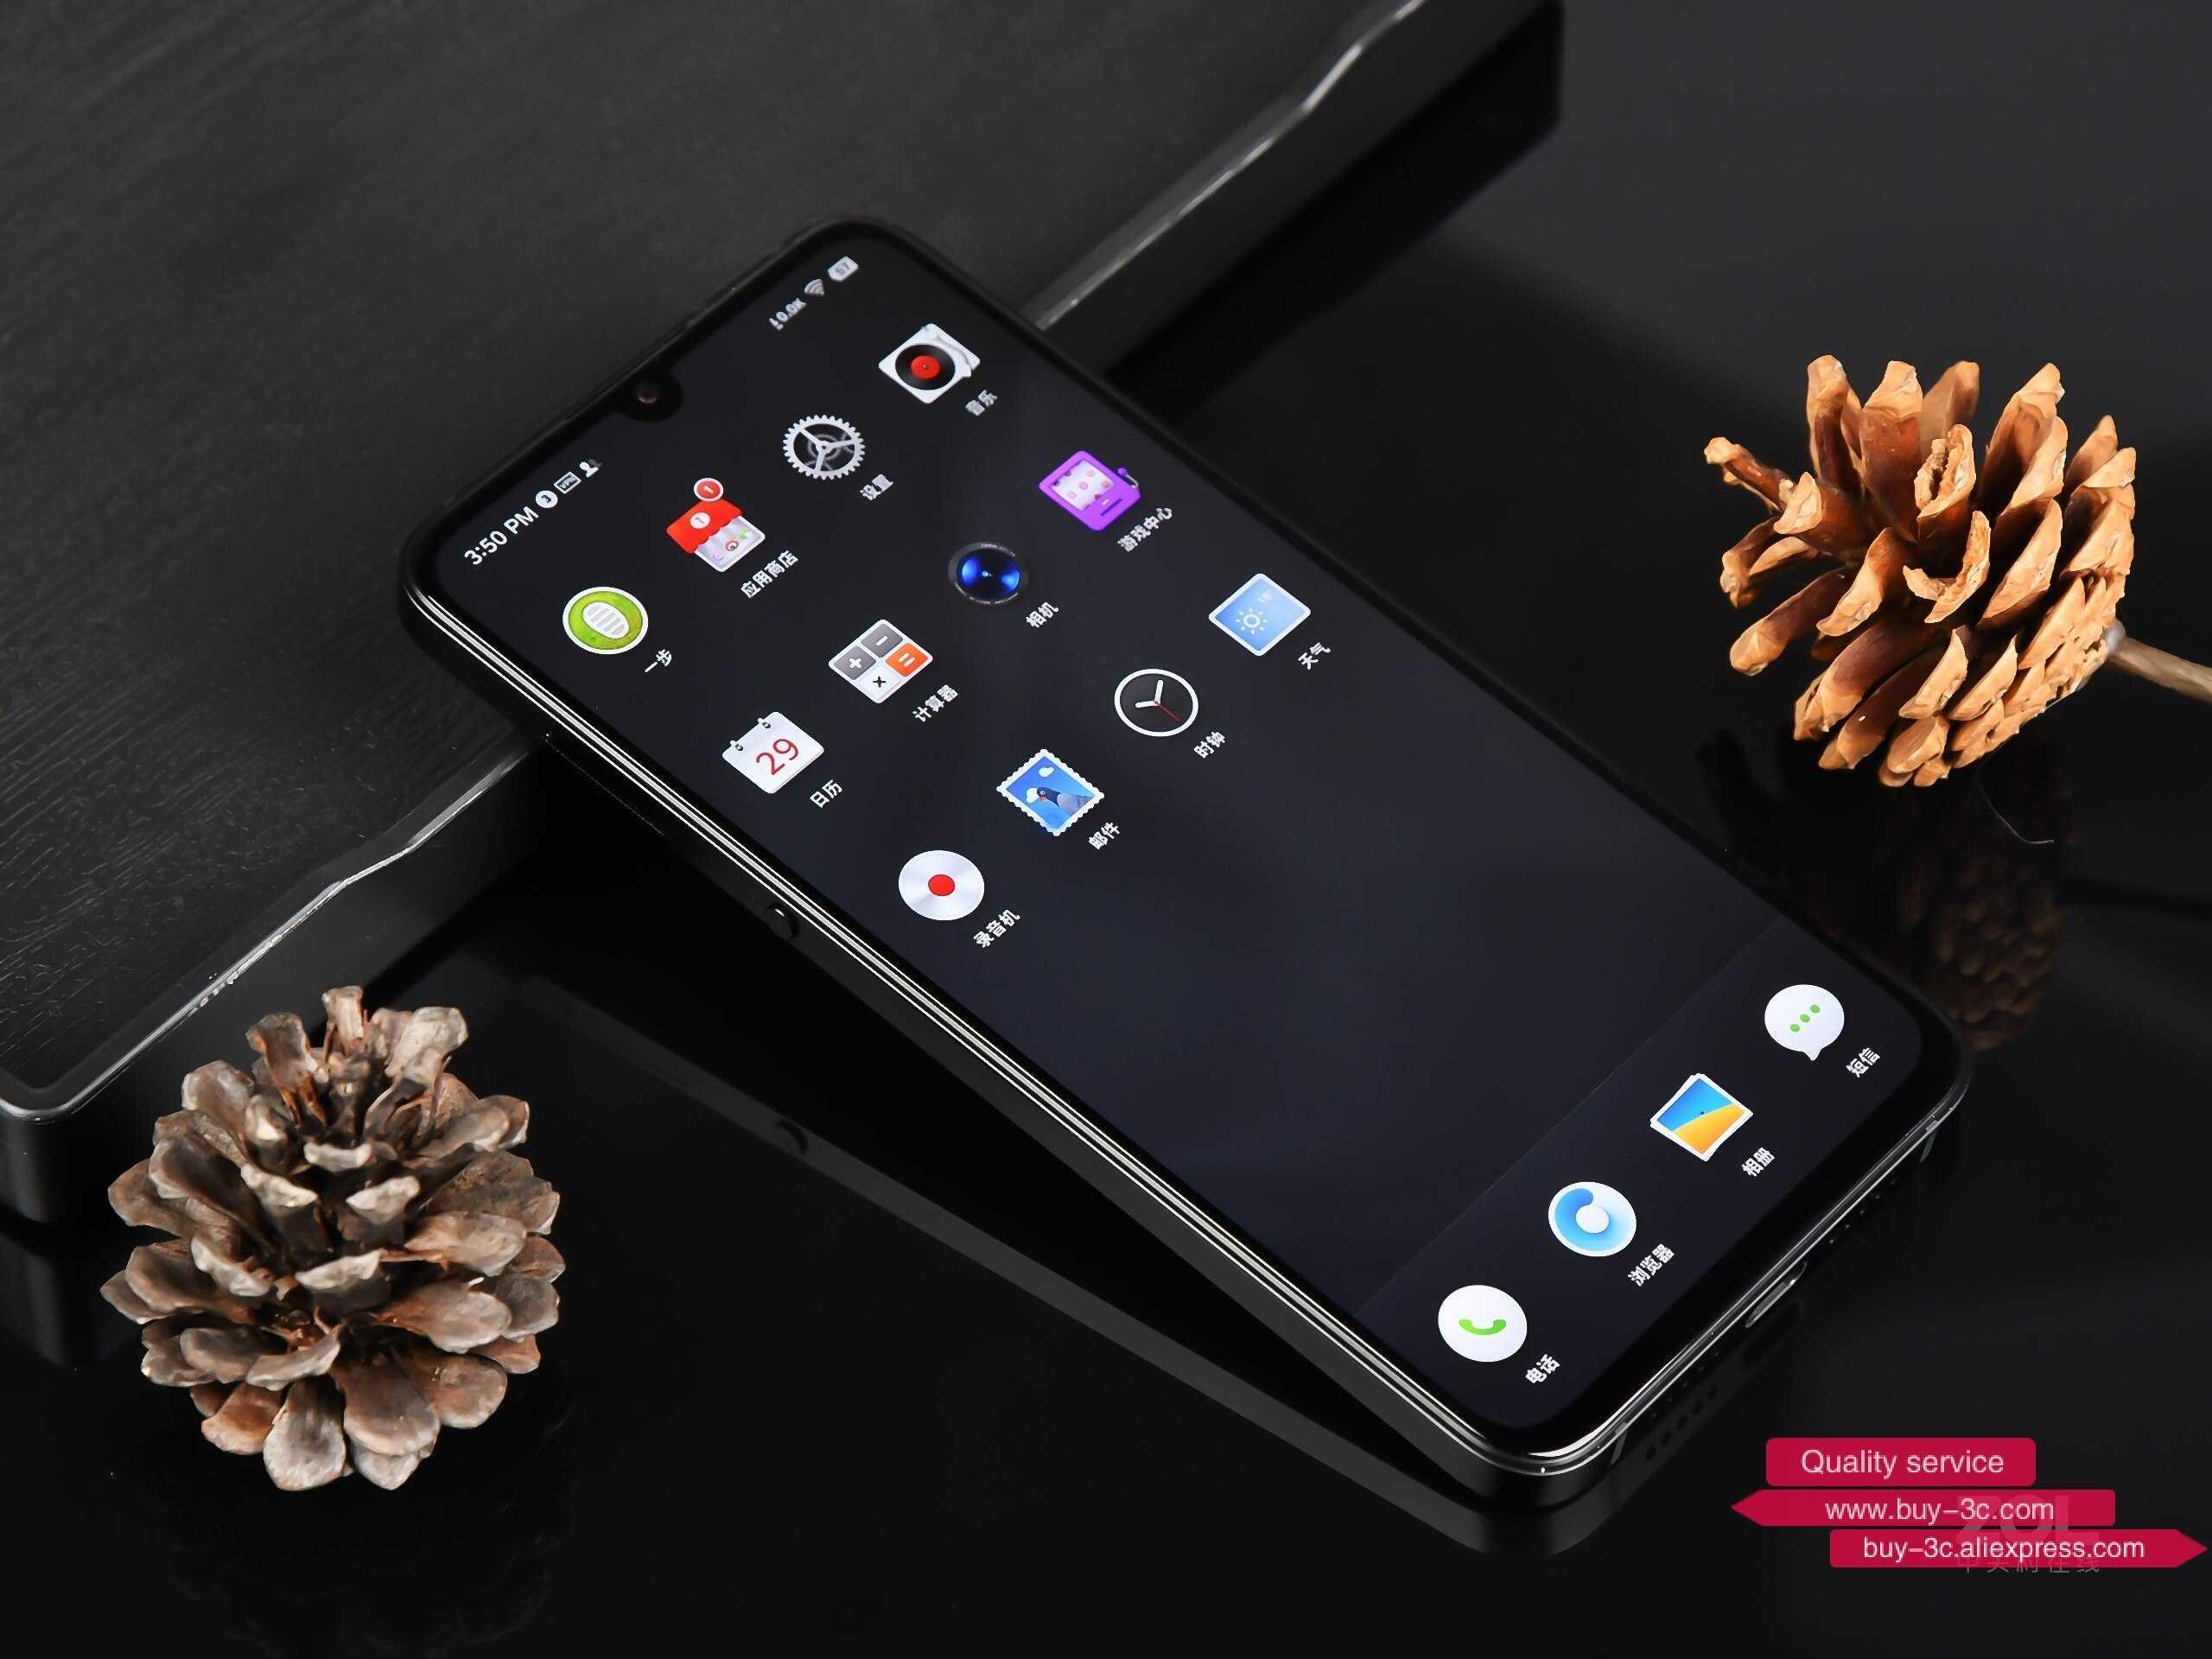 Smartisan nut 3 - новый смартфон 2018 года от малоизвестной компании, обзор, характеристики и цена - stevsky.ru - обзоры смартфонов, игры на андроид и на пк